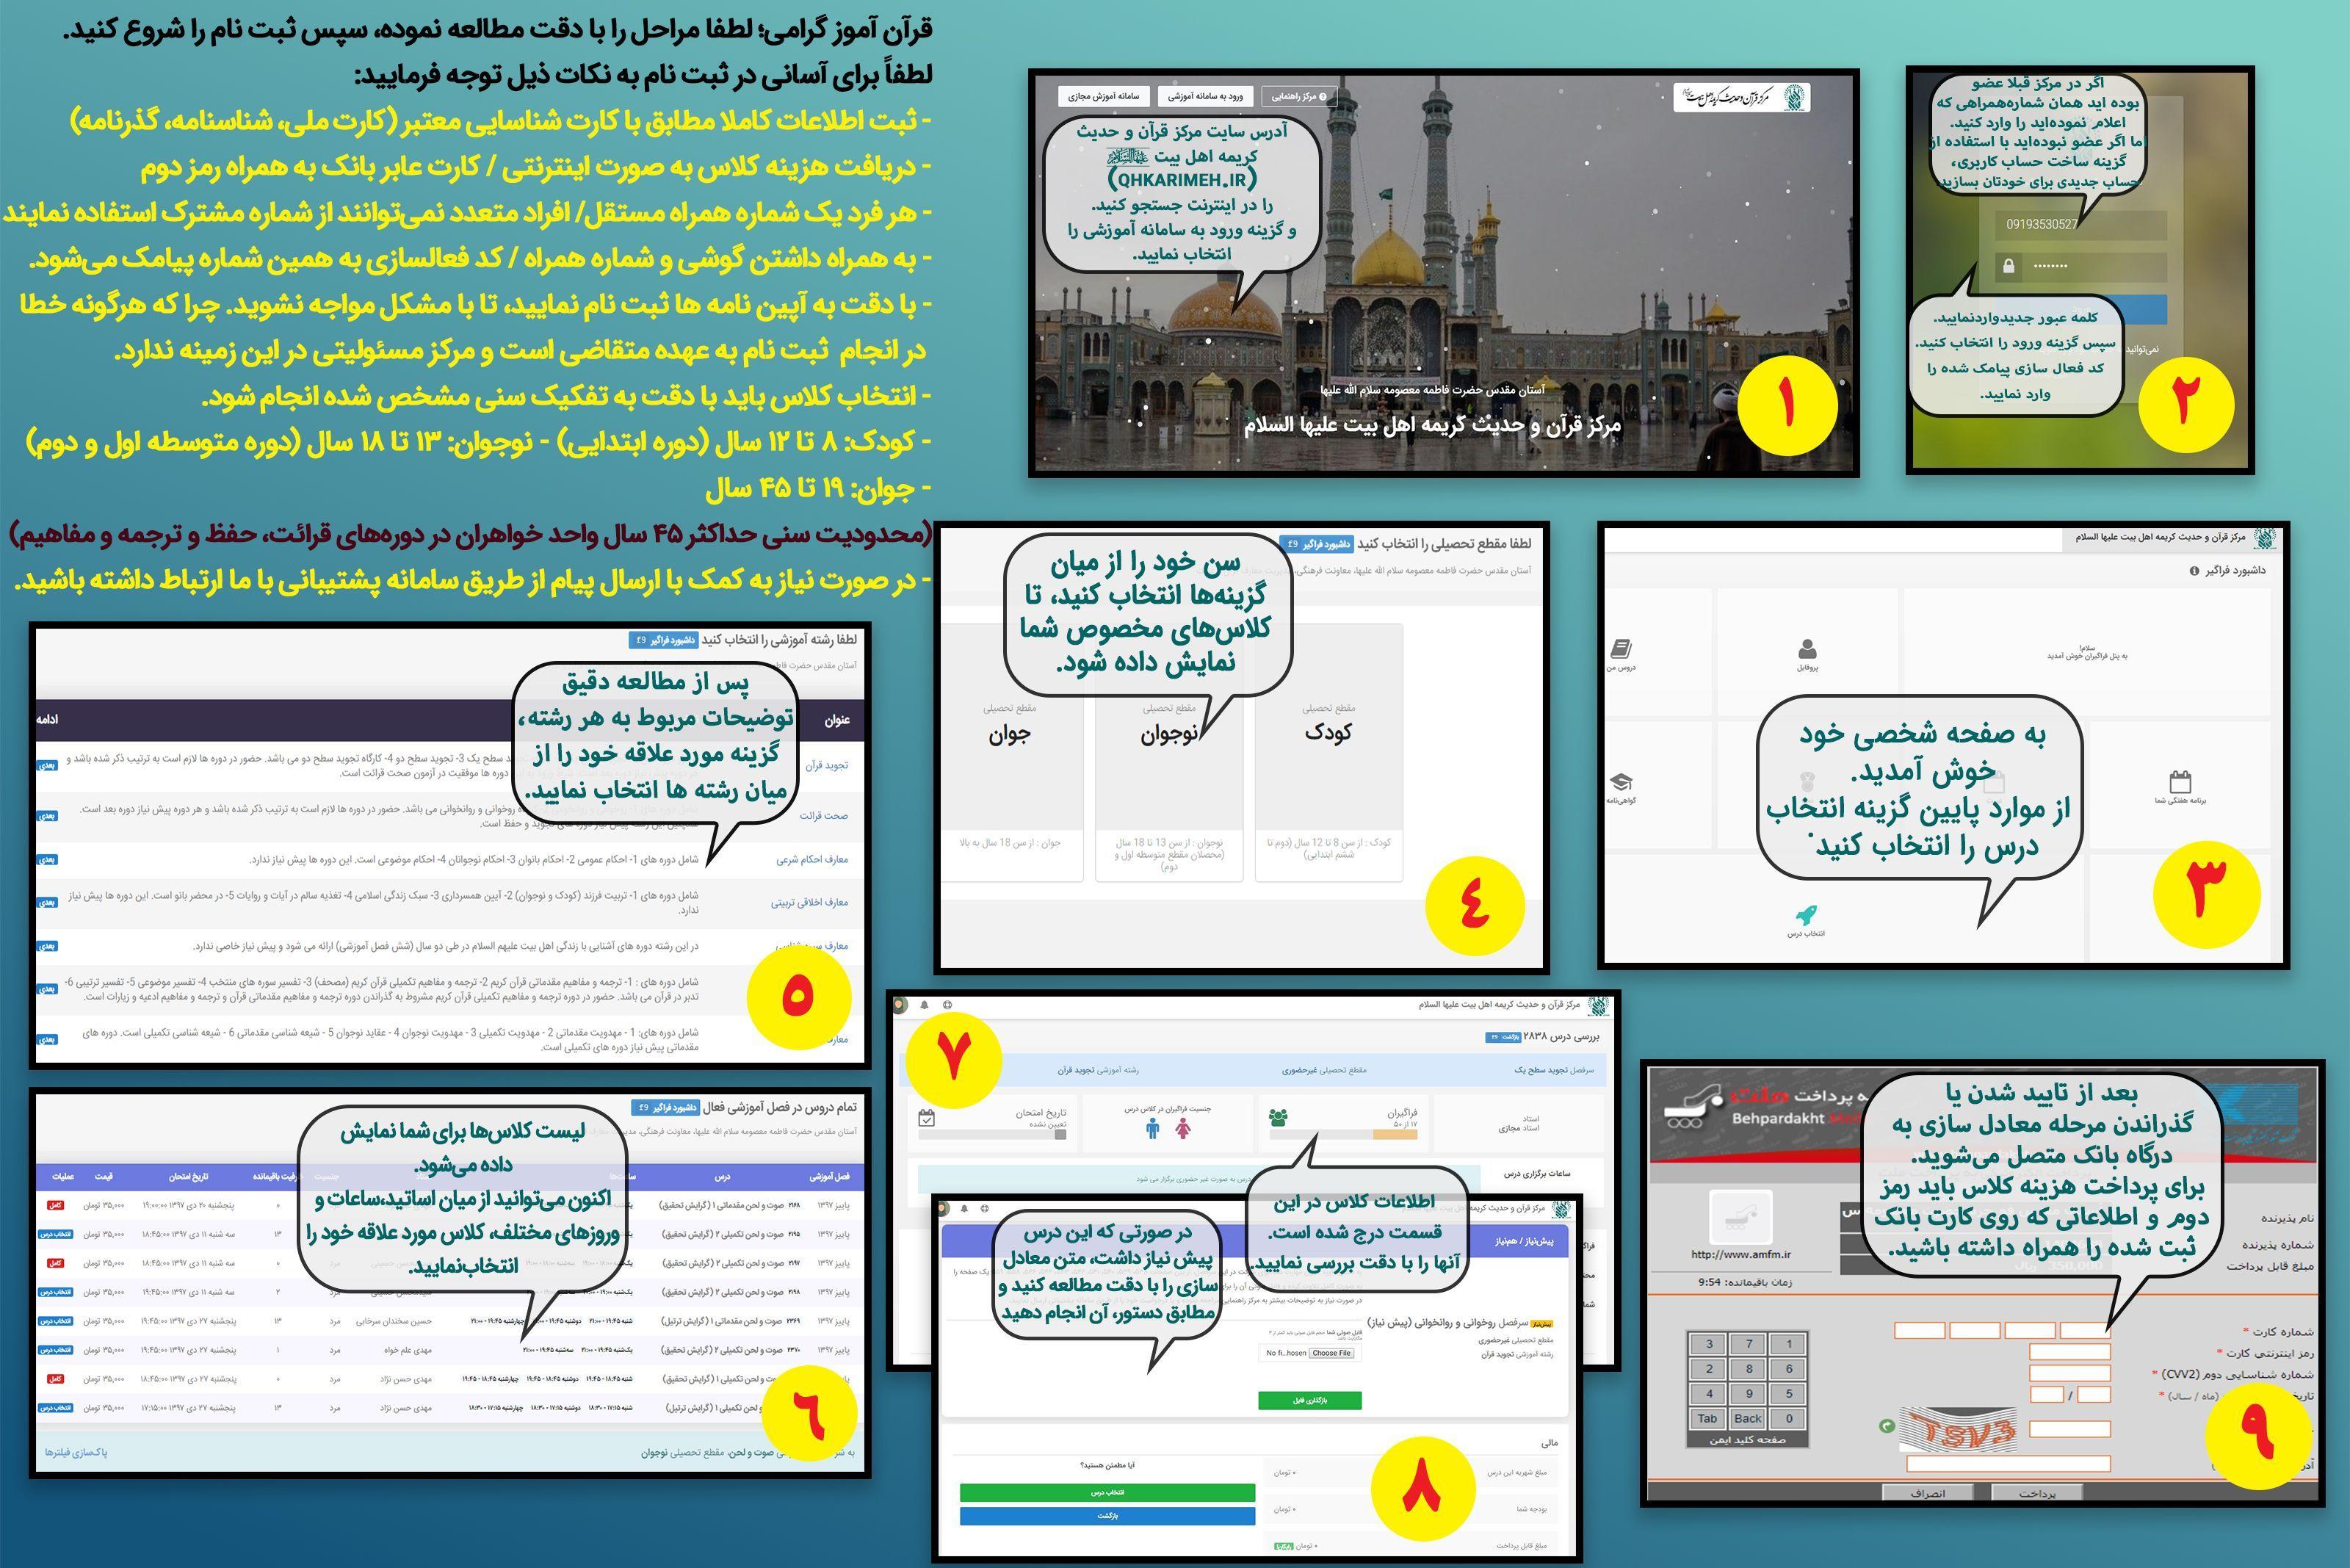 مراحل ثبتنام اینترنتی + تصویر